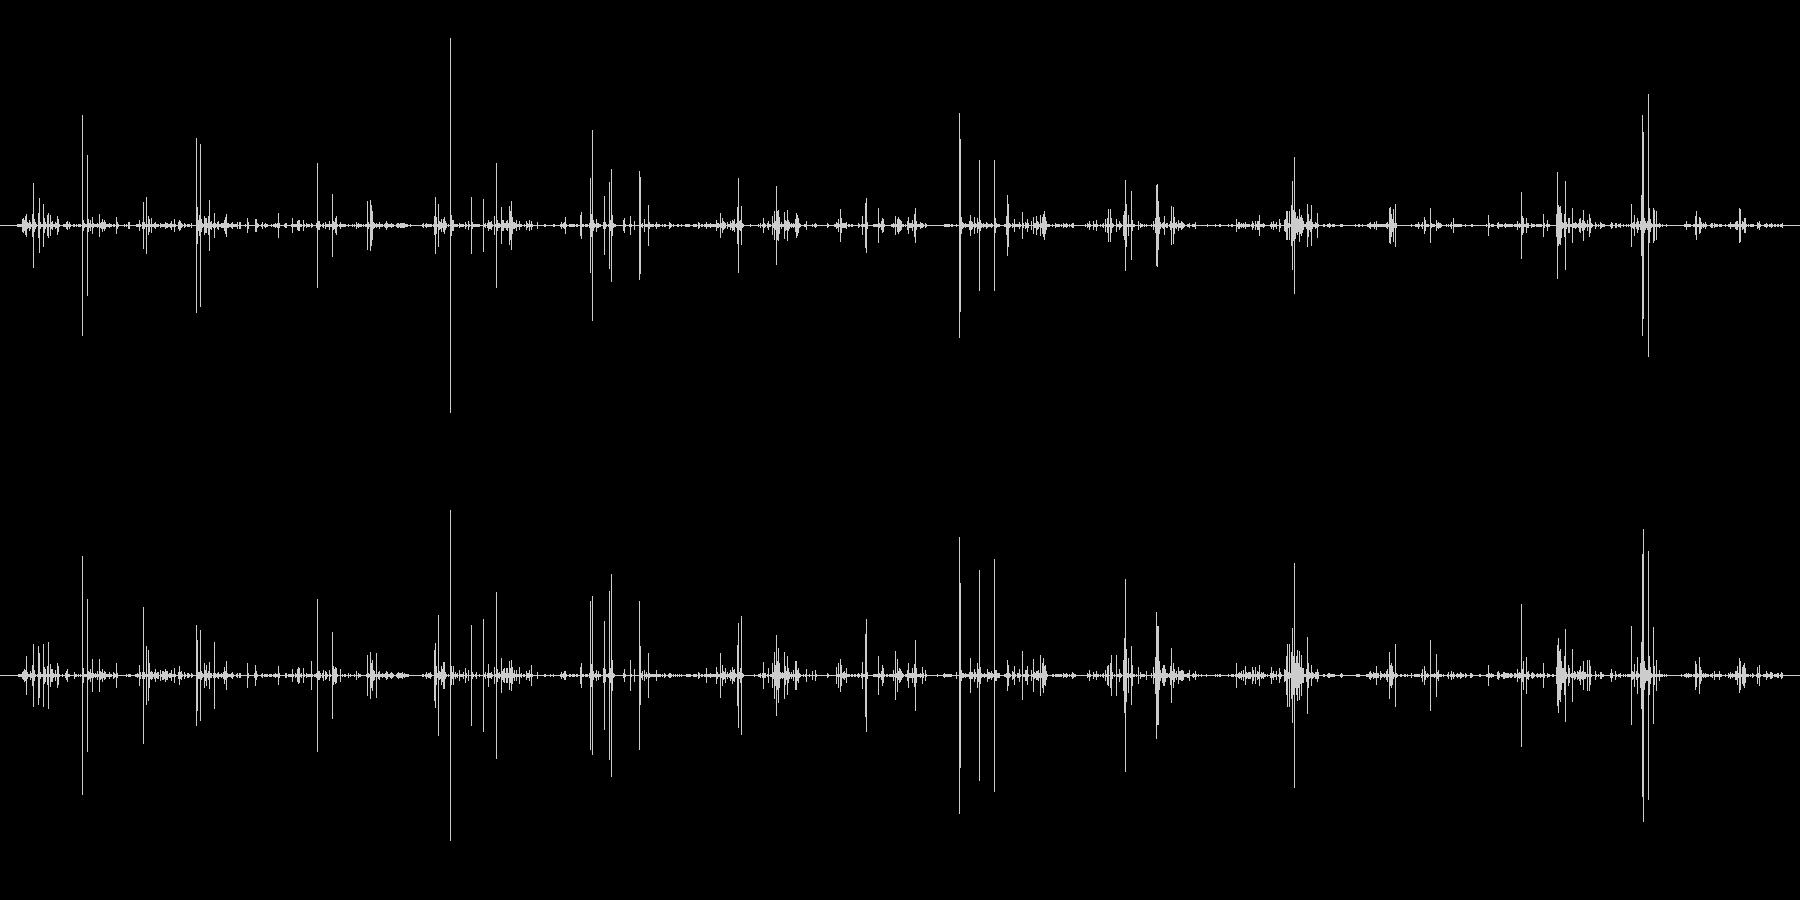 木 竹割れシーケンス01の未再生の波形